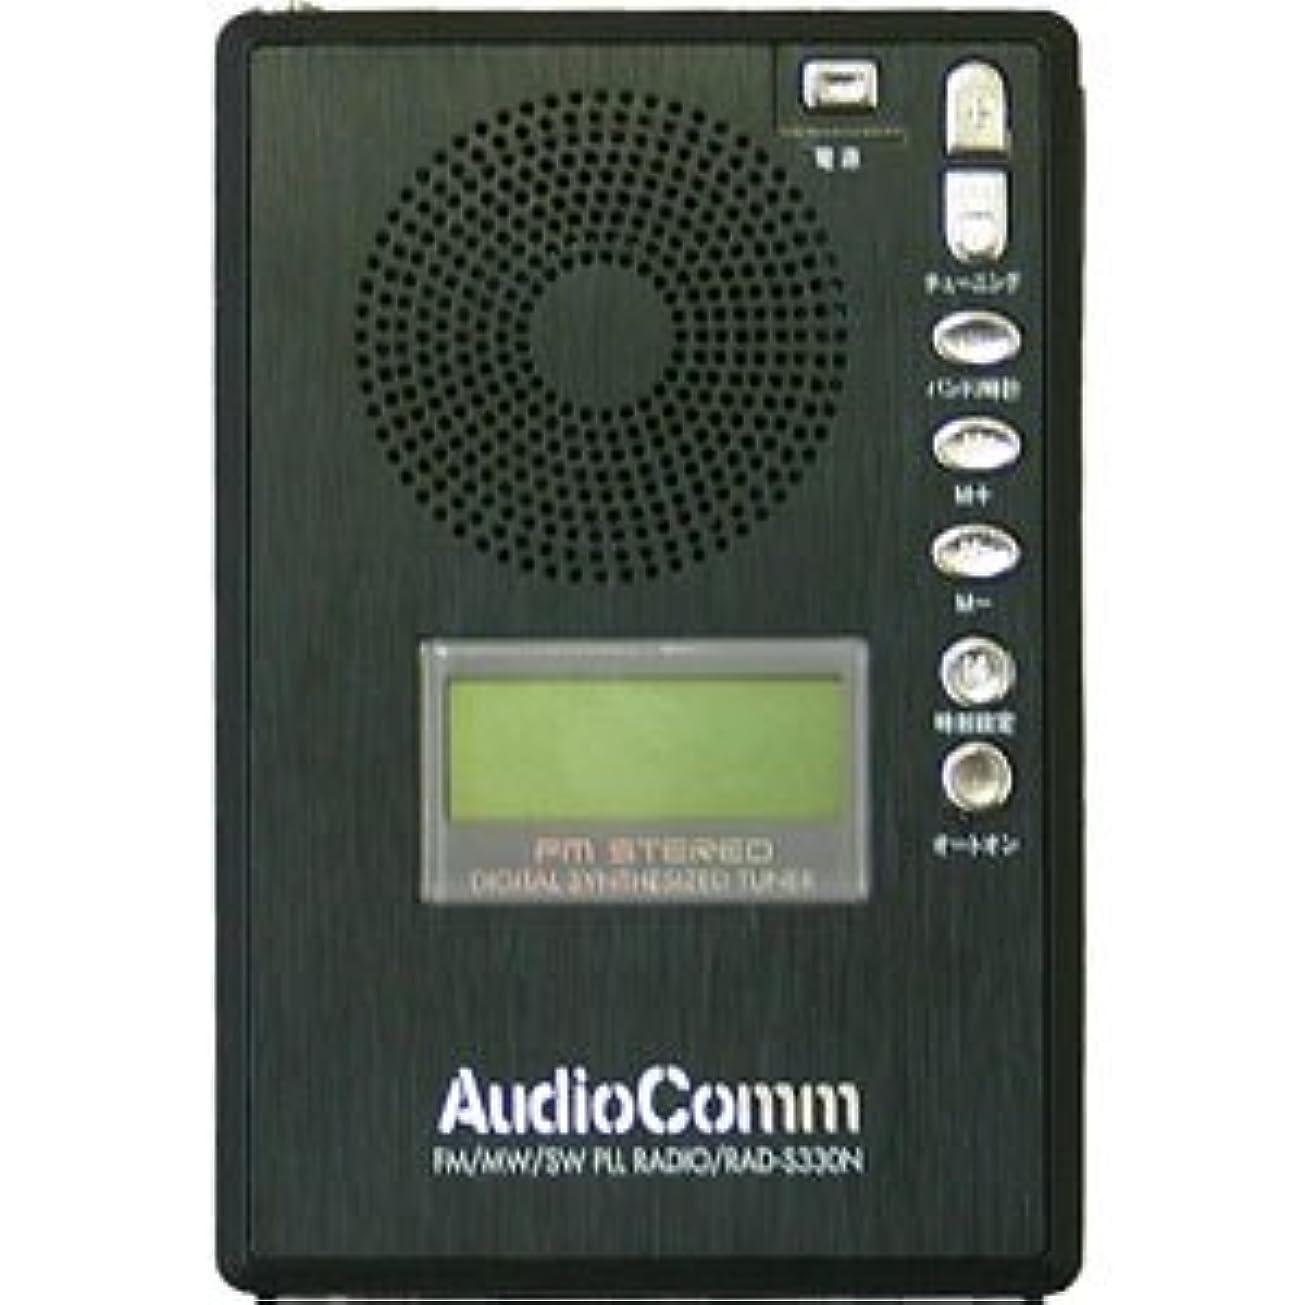 ひらめき銀河おそらくAudioComm PLLポケットラジオ(短波放送受信) RAD-S330N(07-2583)